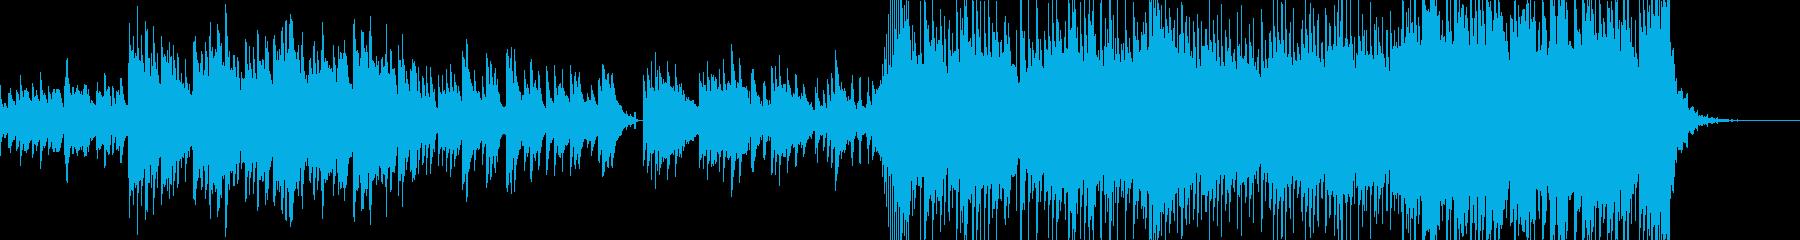 ピアノを中心とした切なく郷愁的なBGMの再生済みの波形